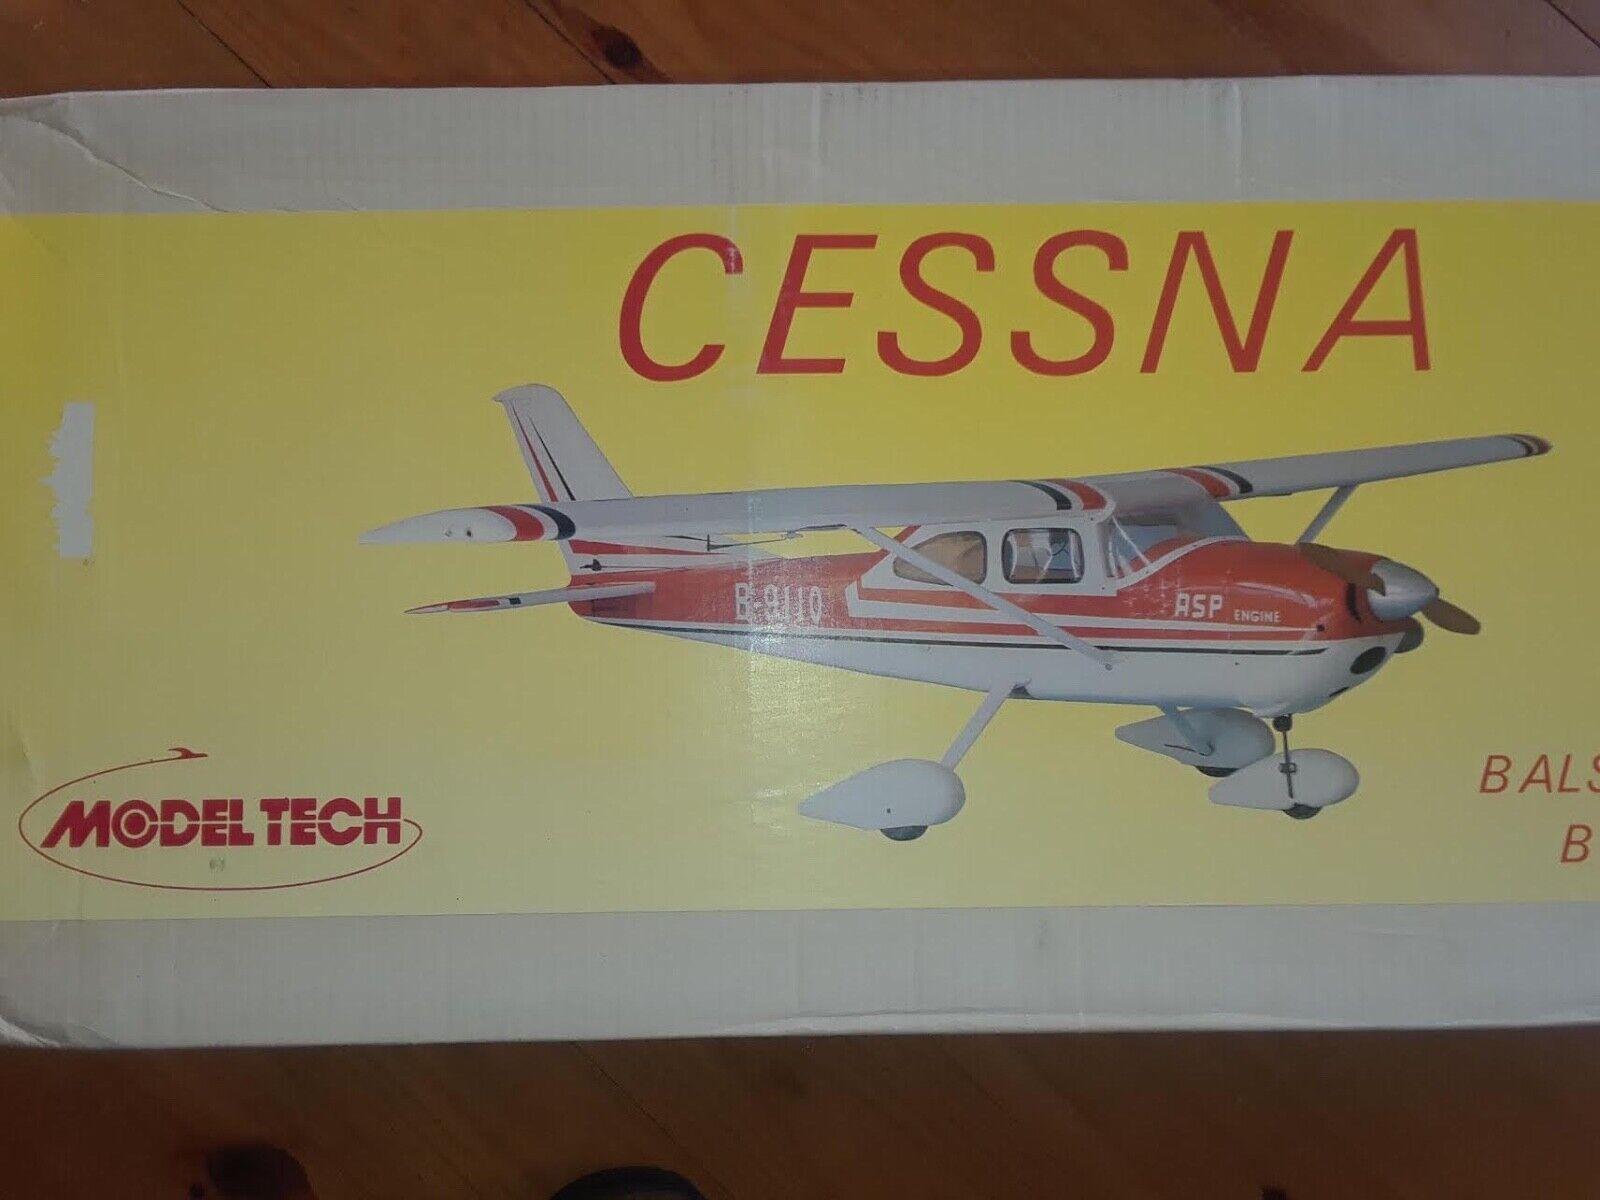 modello Tech co.  Cessna 172 Balsa ready built series kit   nuovo   acquisto limitato